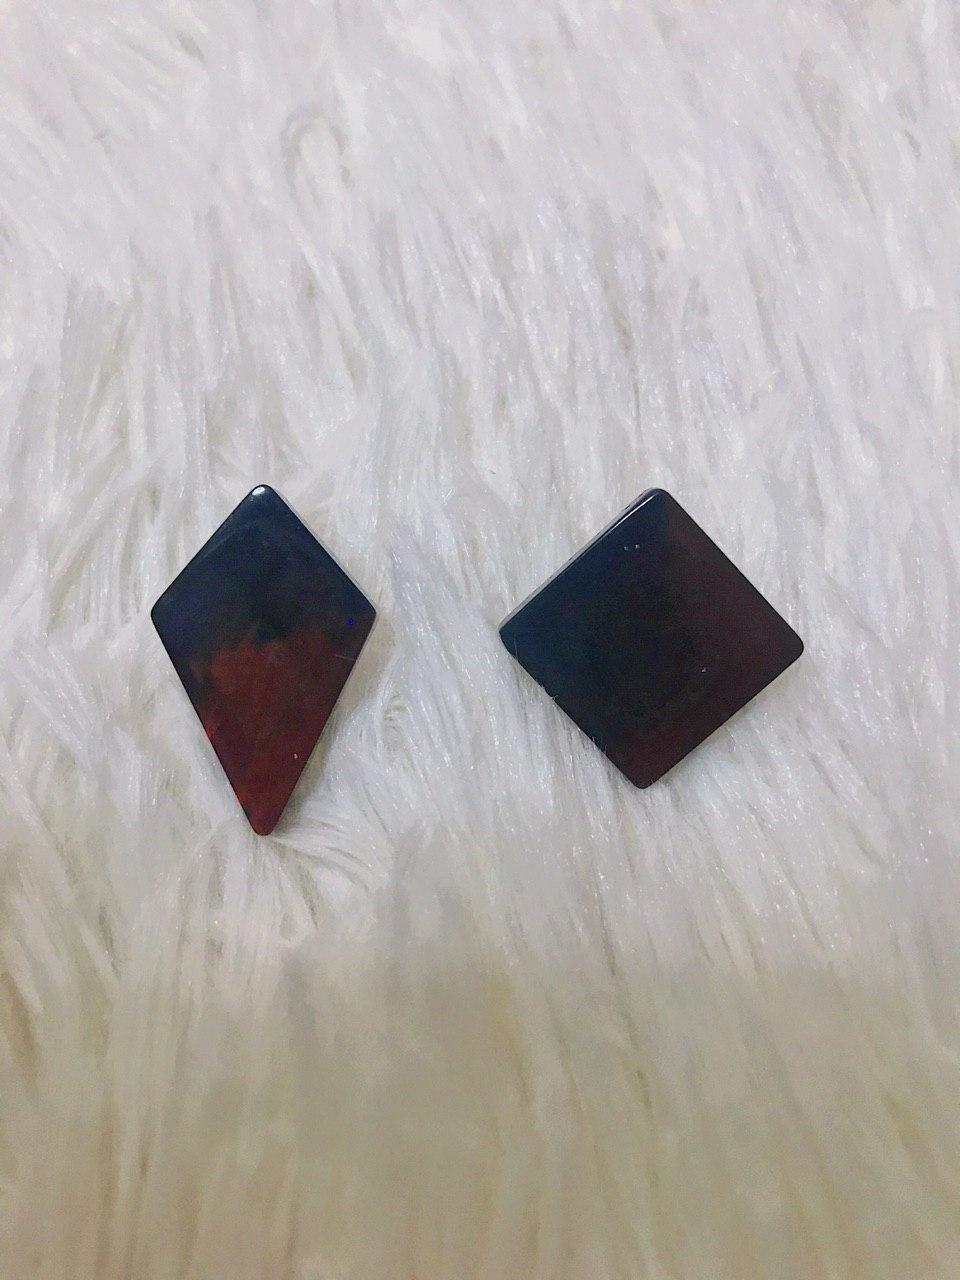 resin molded